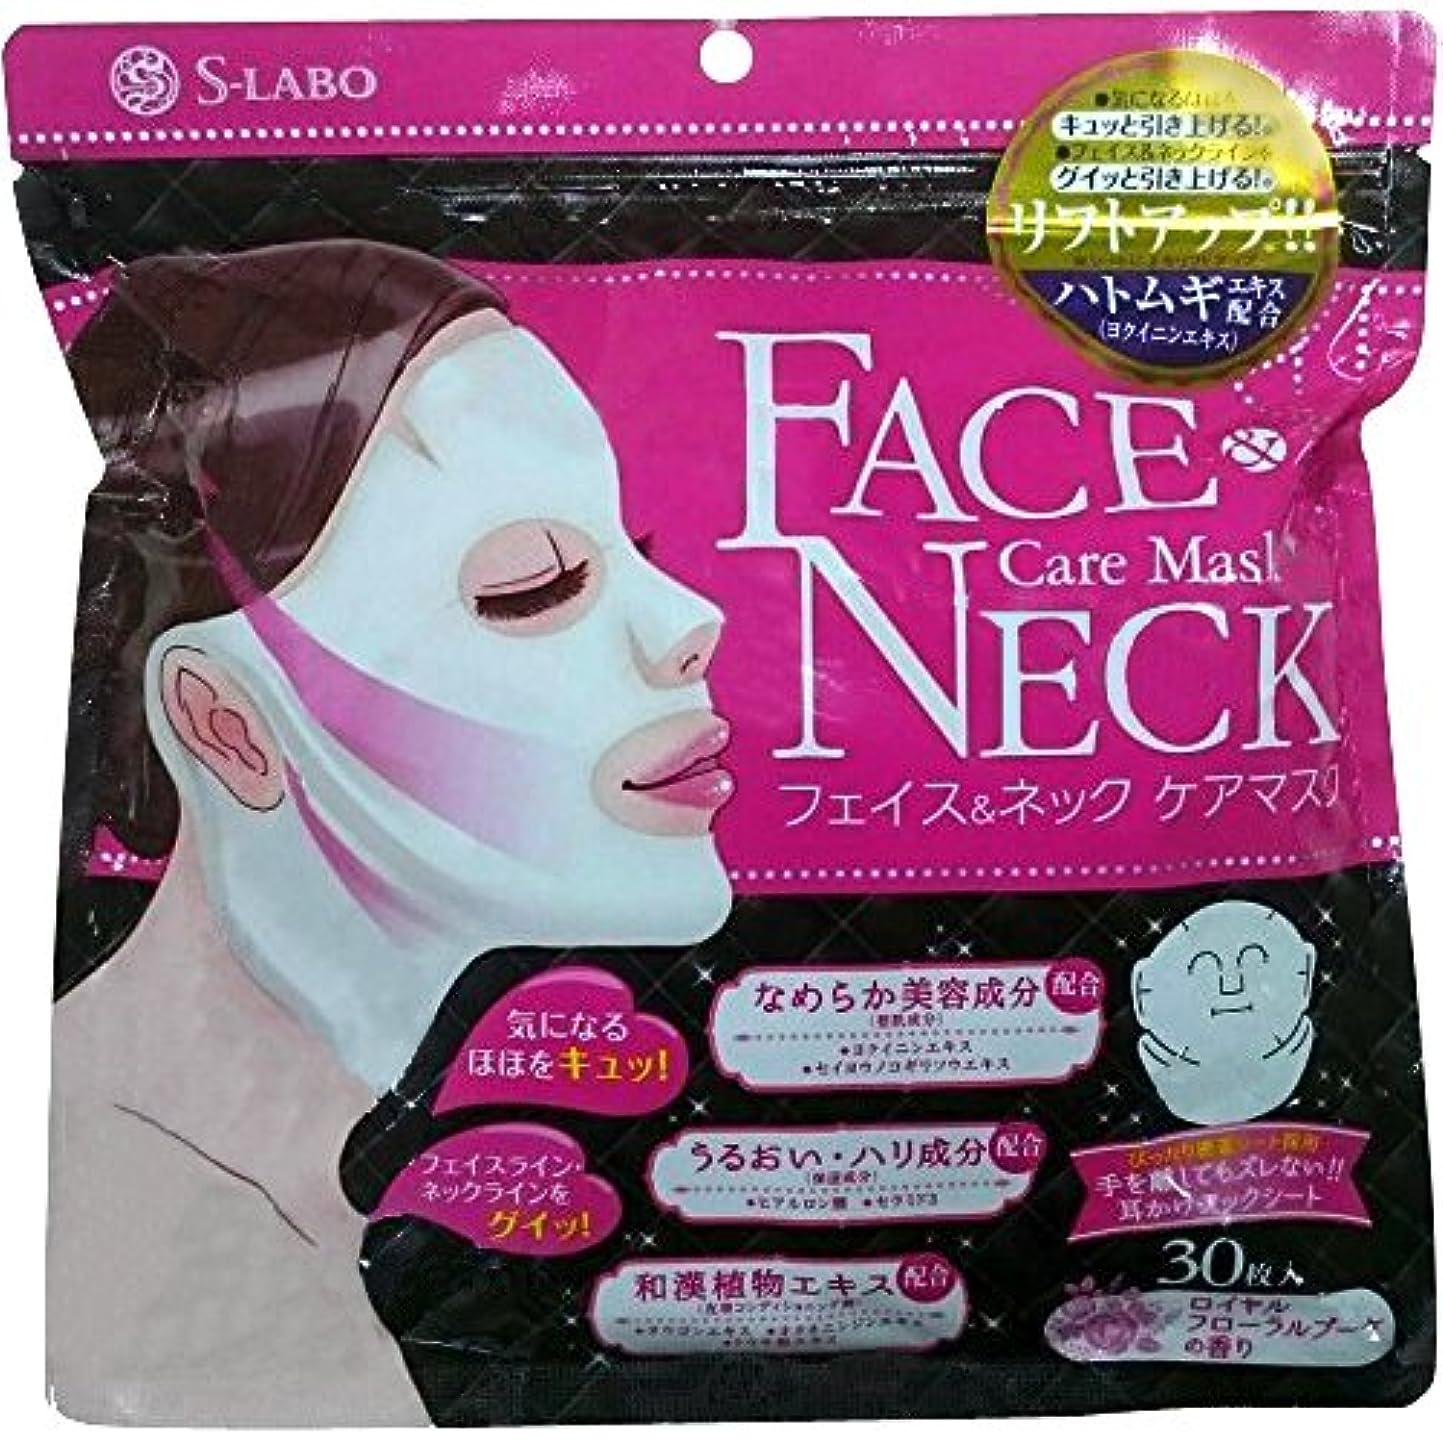 極端なプット歩き回るS-LABO フェイス & ネックケアマスク (30枚入)